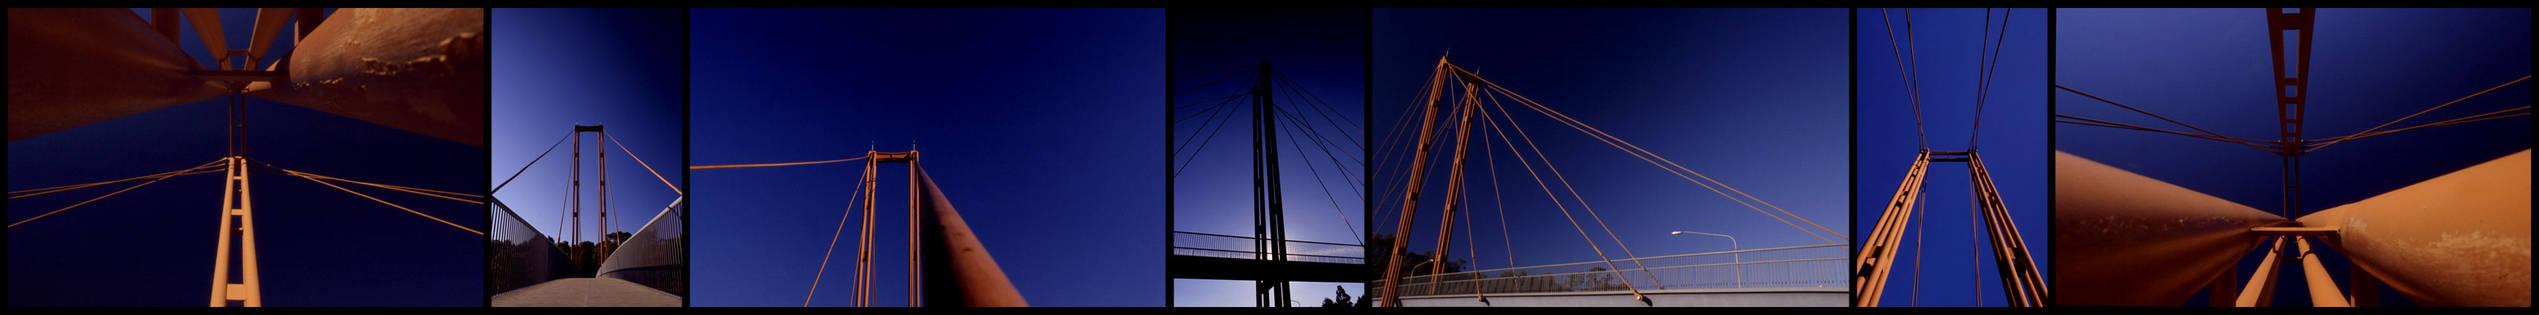 A Bridge In Canberra